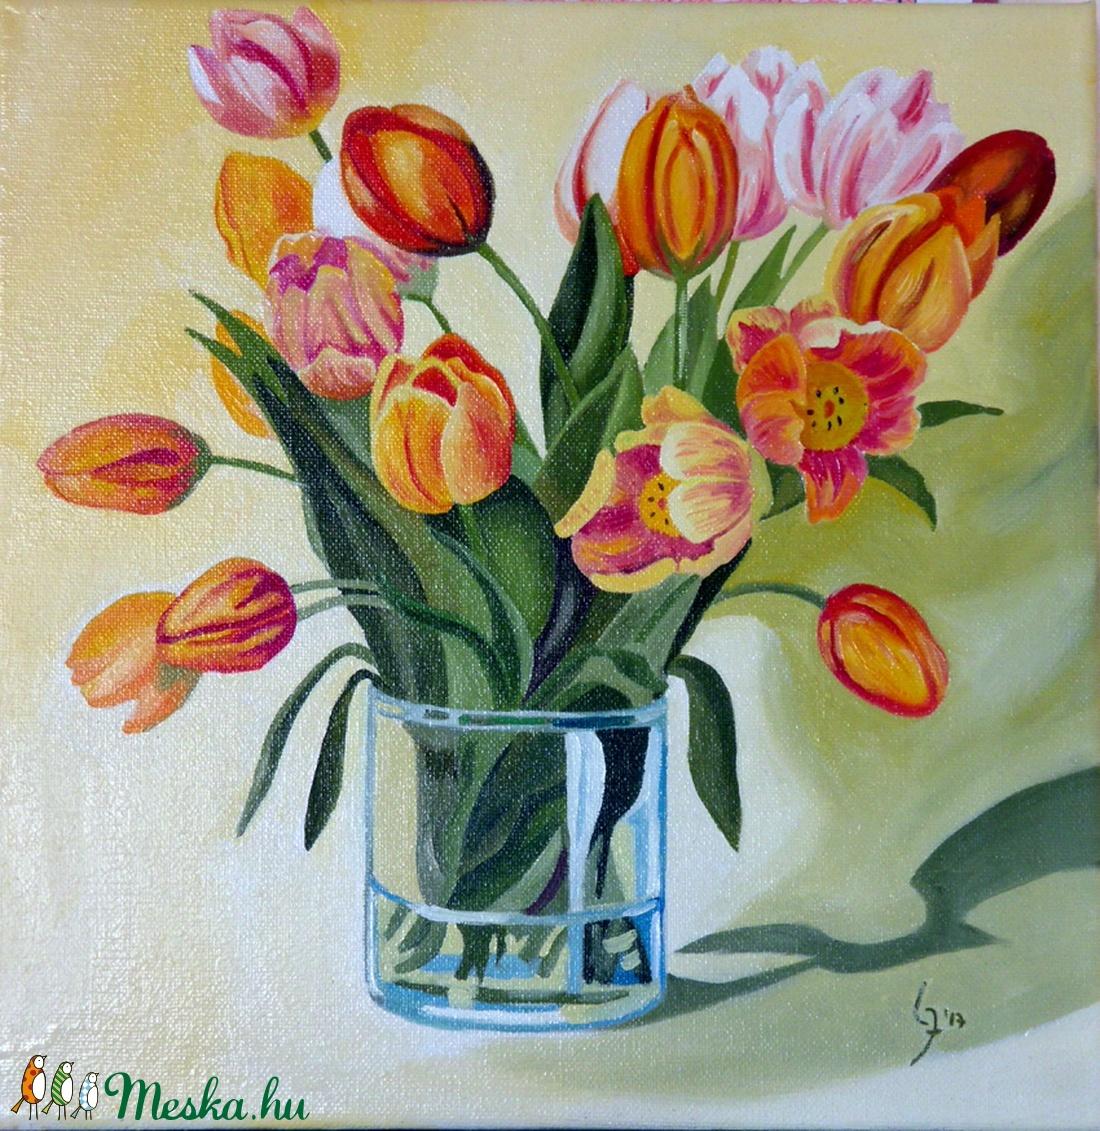 Tulipán csokor- olajfestmény (Judit38) - Meska.hu